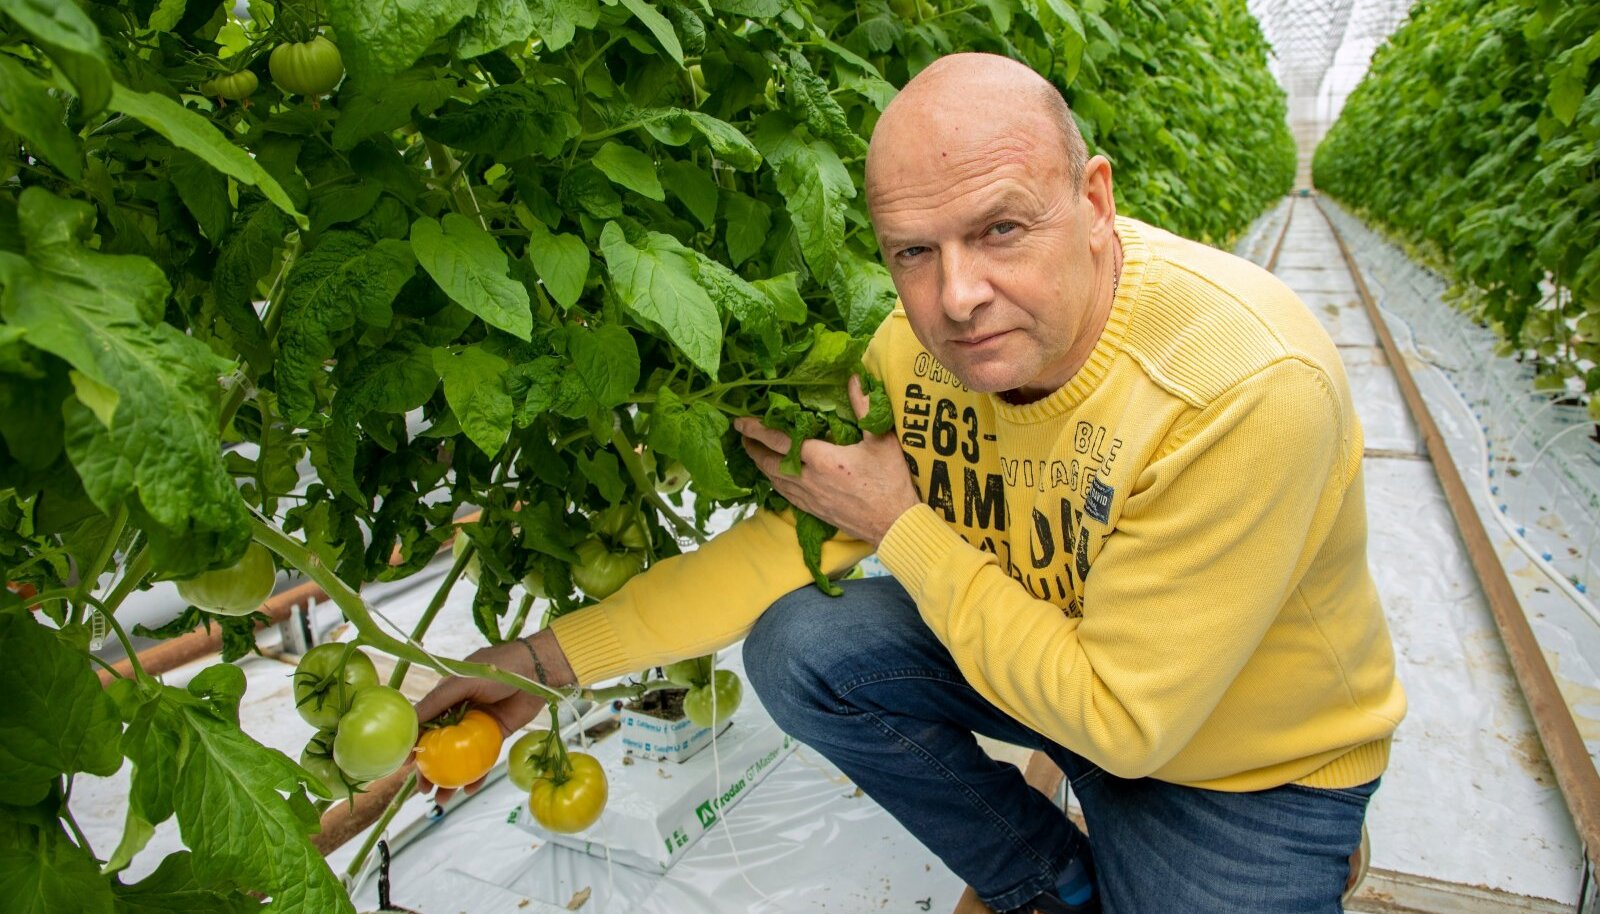 """""""Meie põhitomat ongi kollane, sest seda on väga keeruline kasvatada ja nüüd on esimesed viljad juba valmimas,"""" rõõmustab Võiste aiandi omanik Viljar Metsaoru Pärnumaalt."""